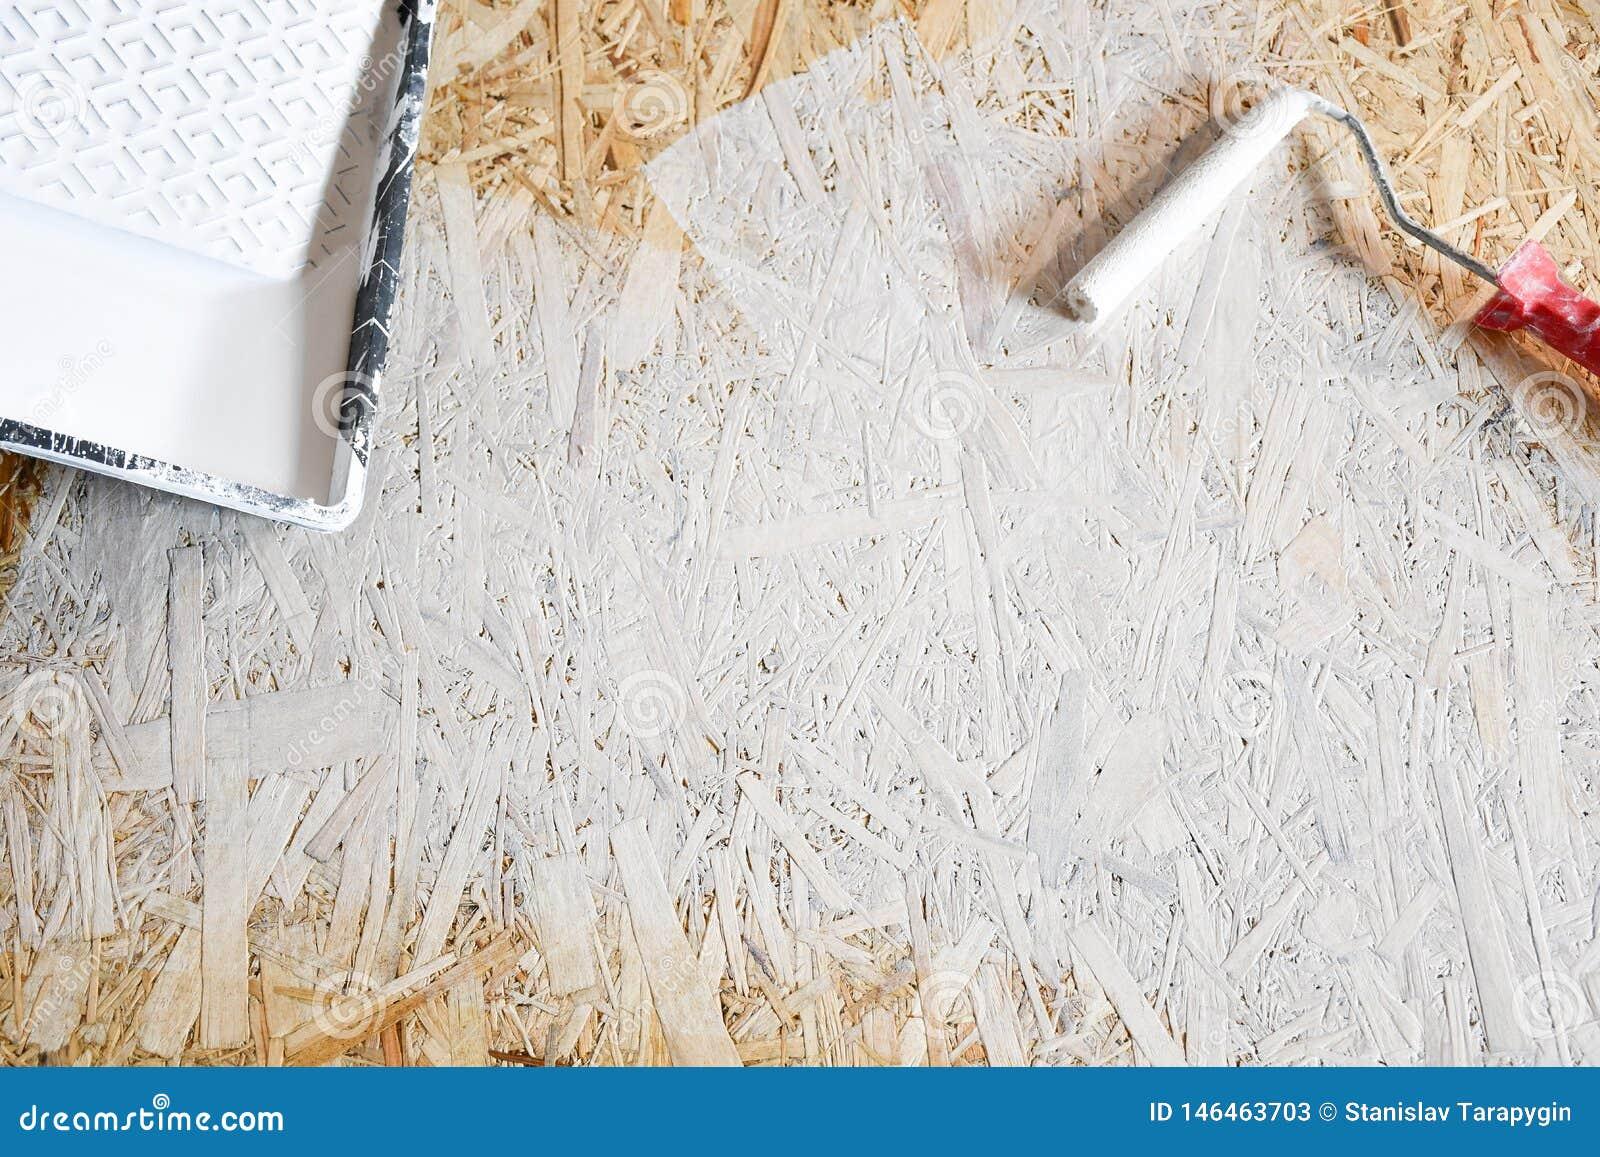 Piatto di Osb dipinto con pittura bianca con un rullo